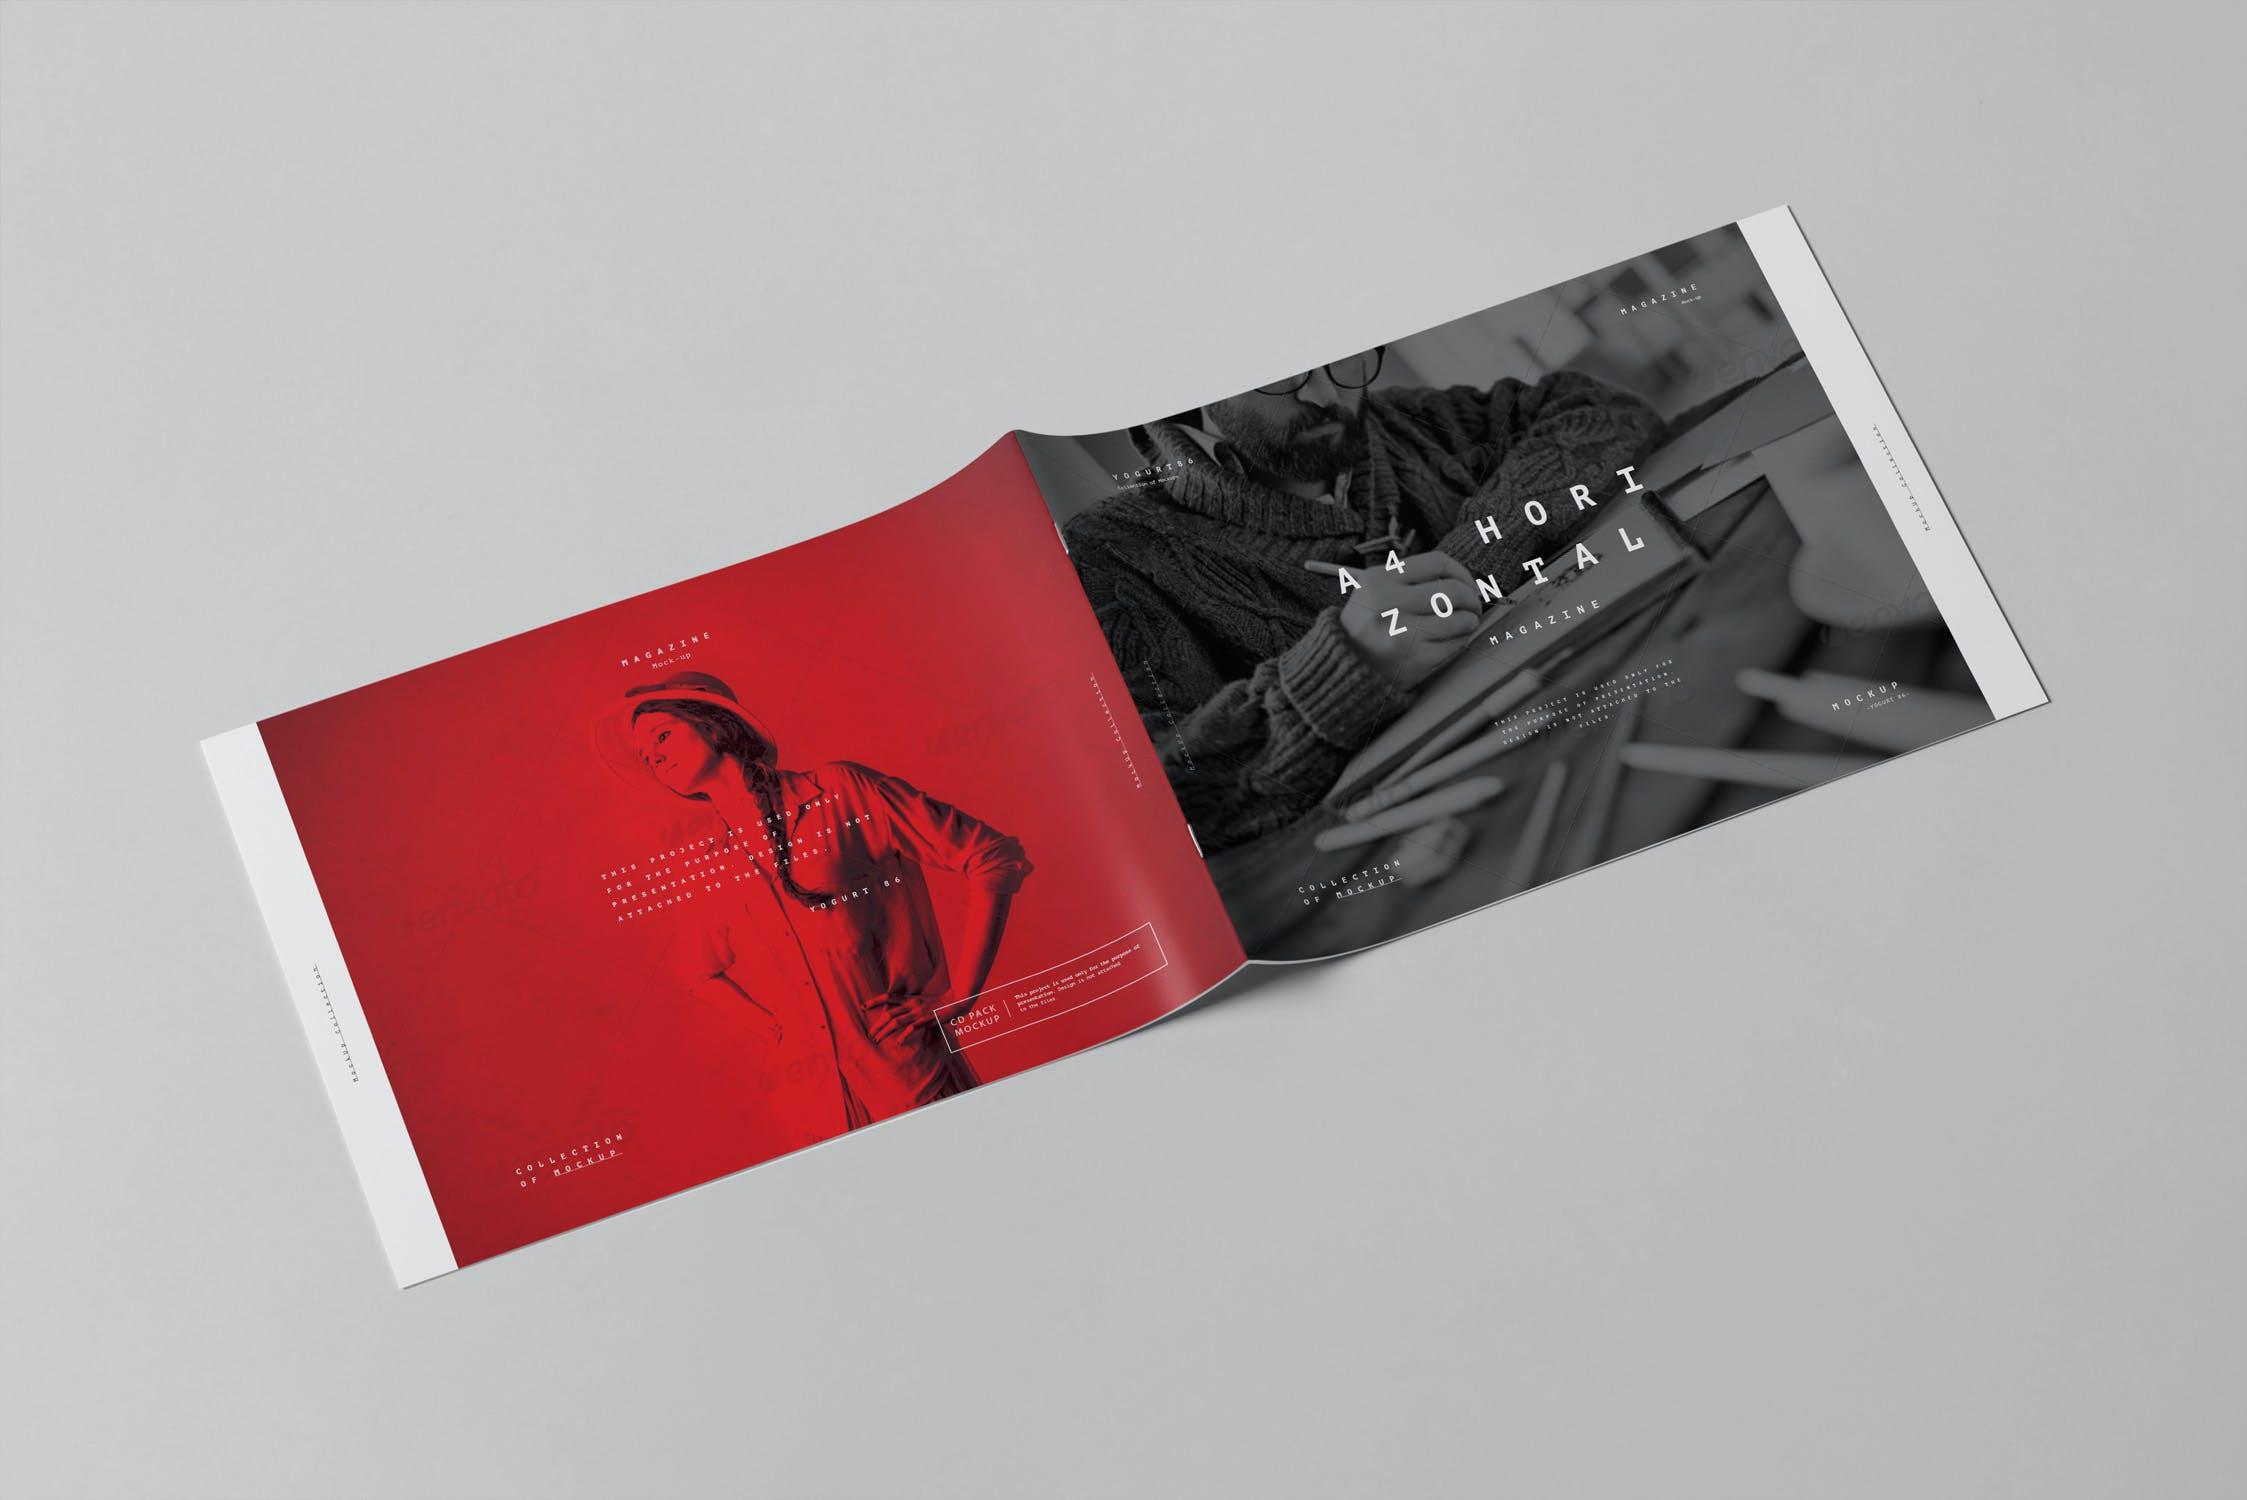 10款横版A4画册杂志设计展示样机模板 A4 Horizontal Brochure Mockup 3插图(5)